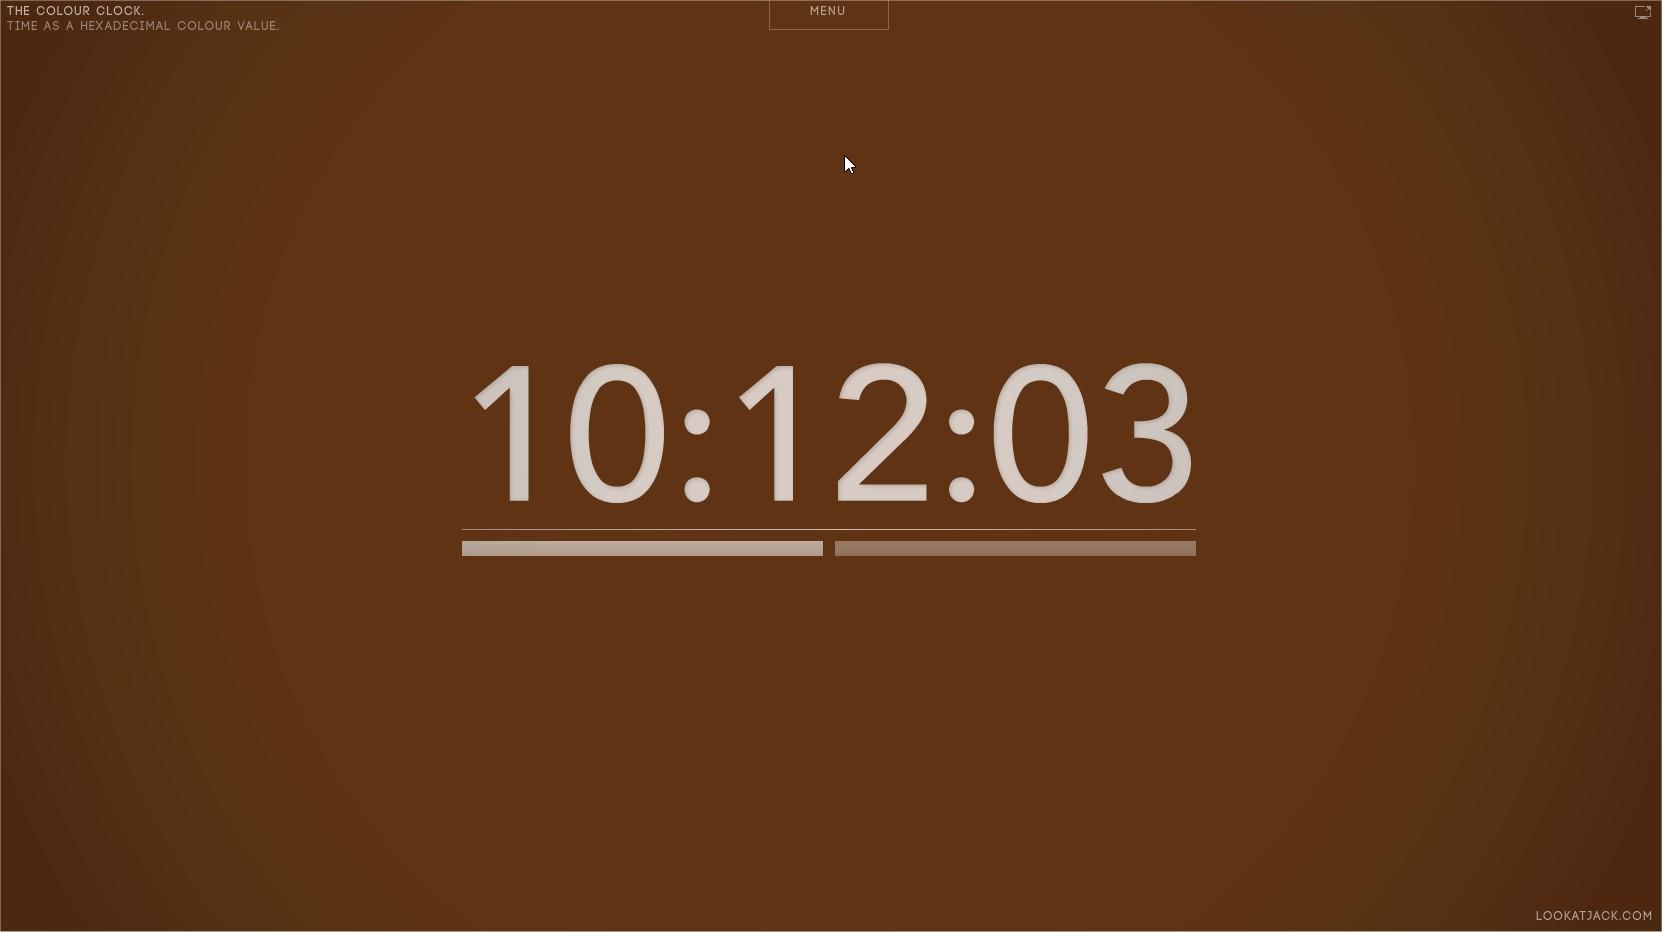 The Colour Clock - Imagem 1 do software